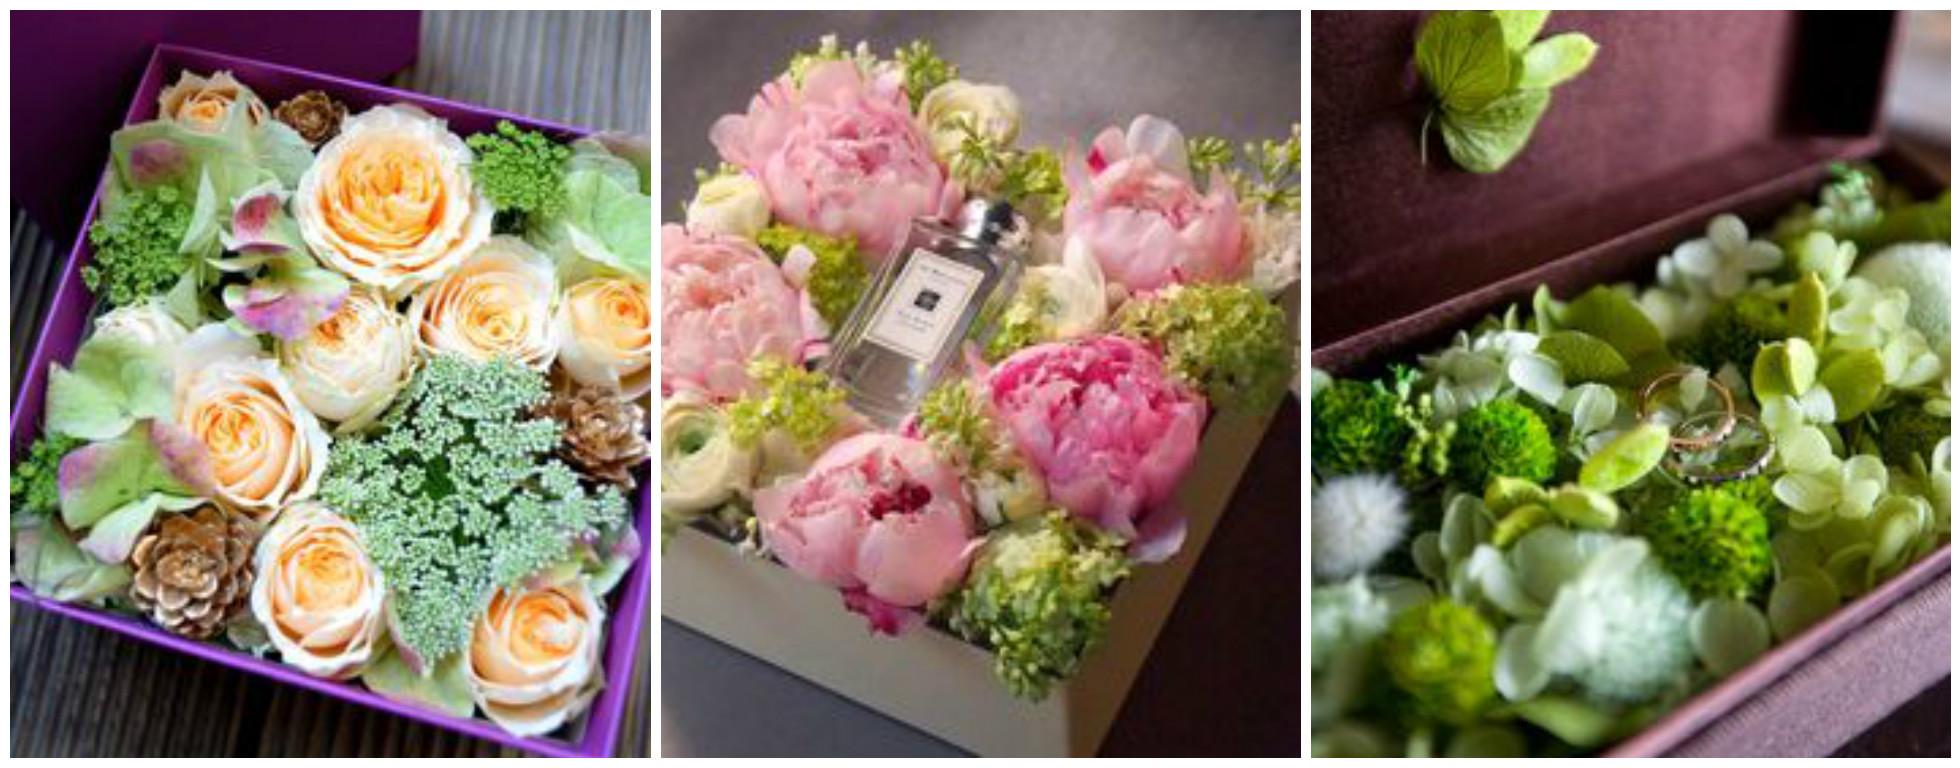 Оформление коробки с цветами